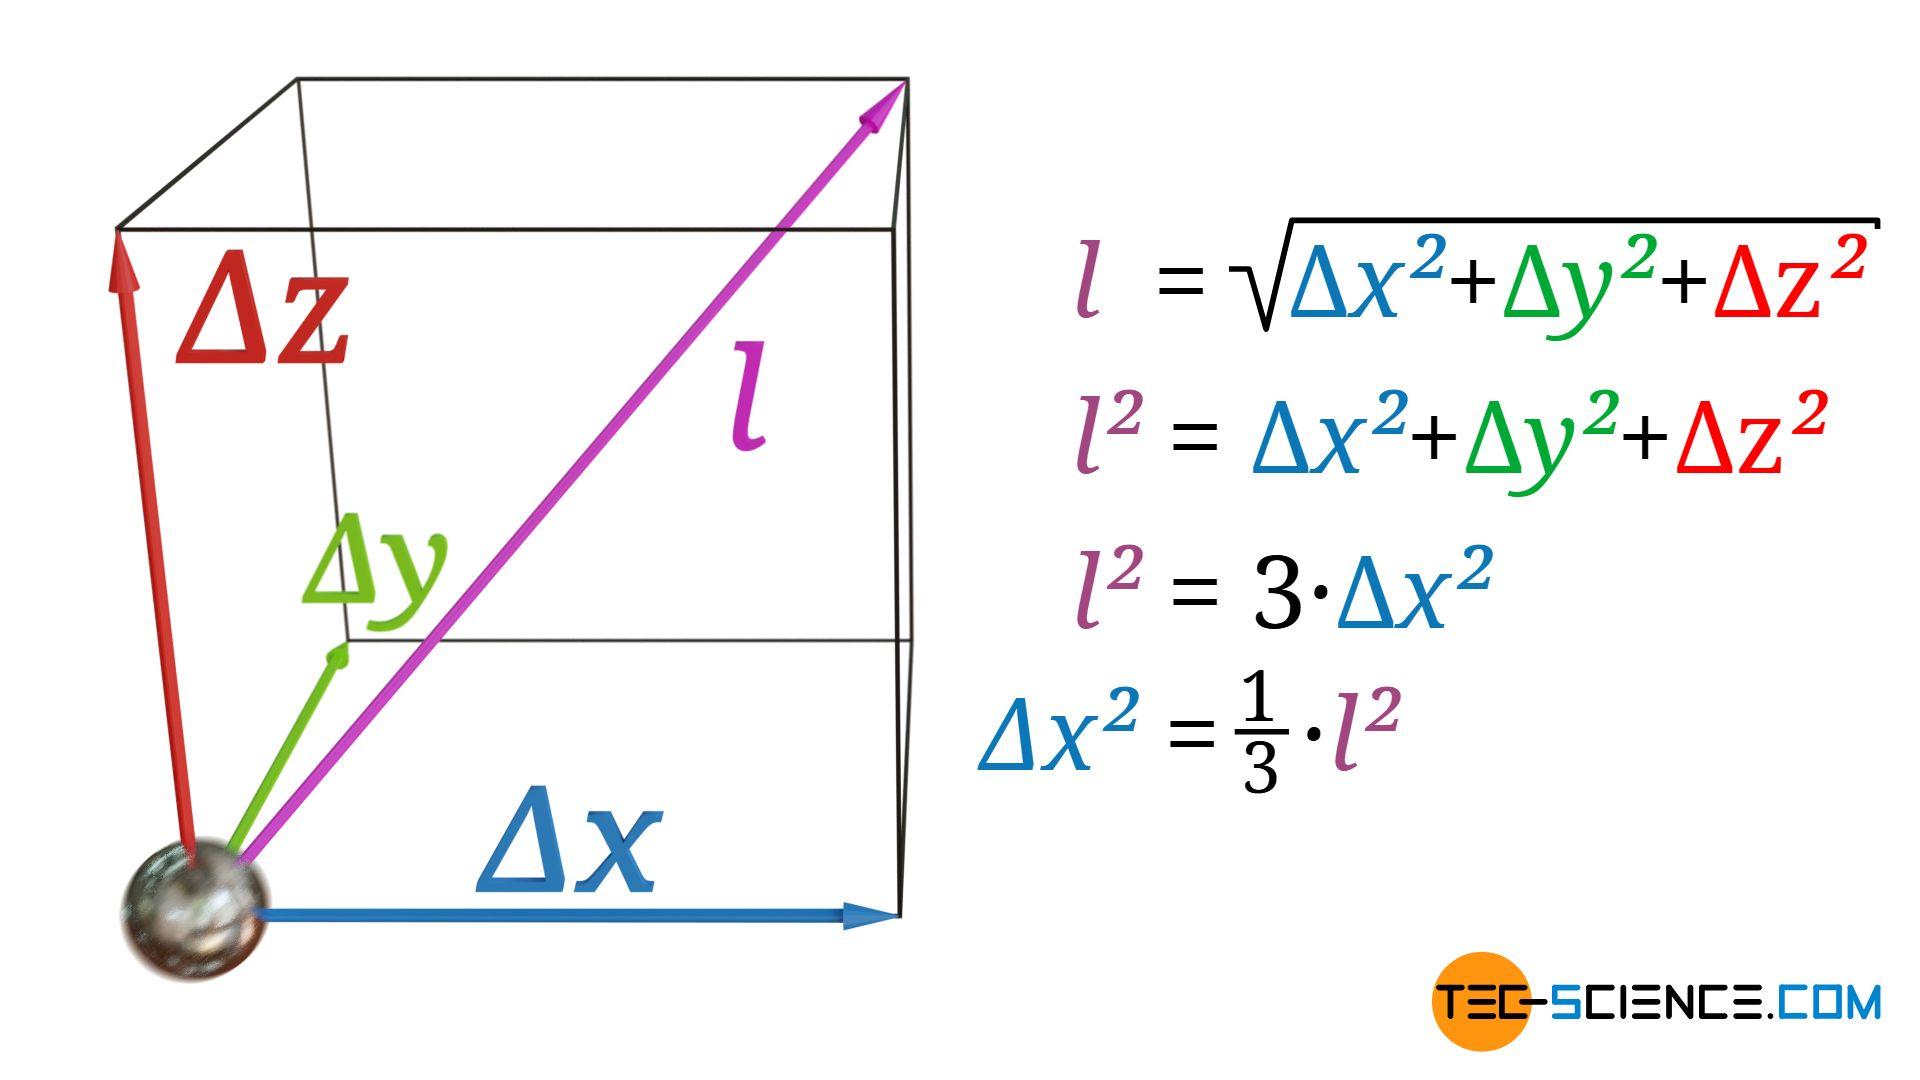 Zusammenhang zwischen der mittleren freien Weglänge im Raum und der mittleren freien Weglänge in Richtung des Wärmestroms